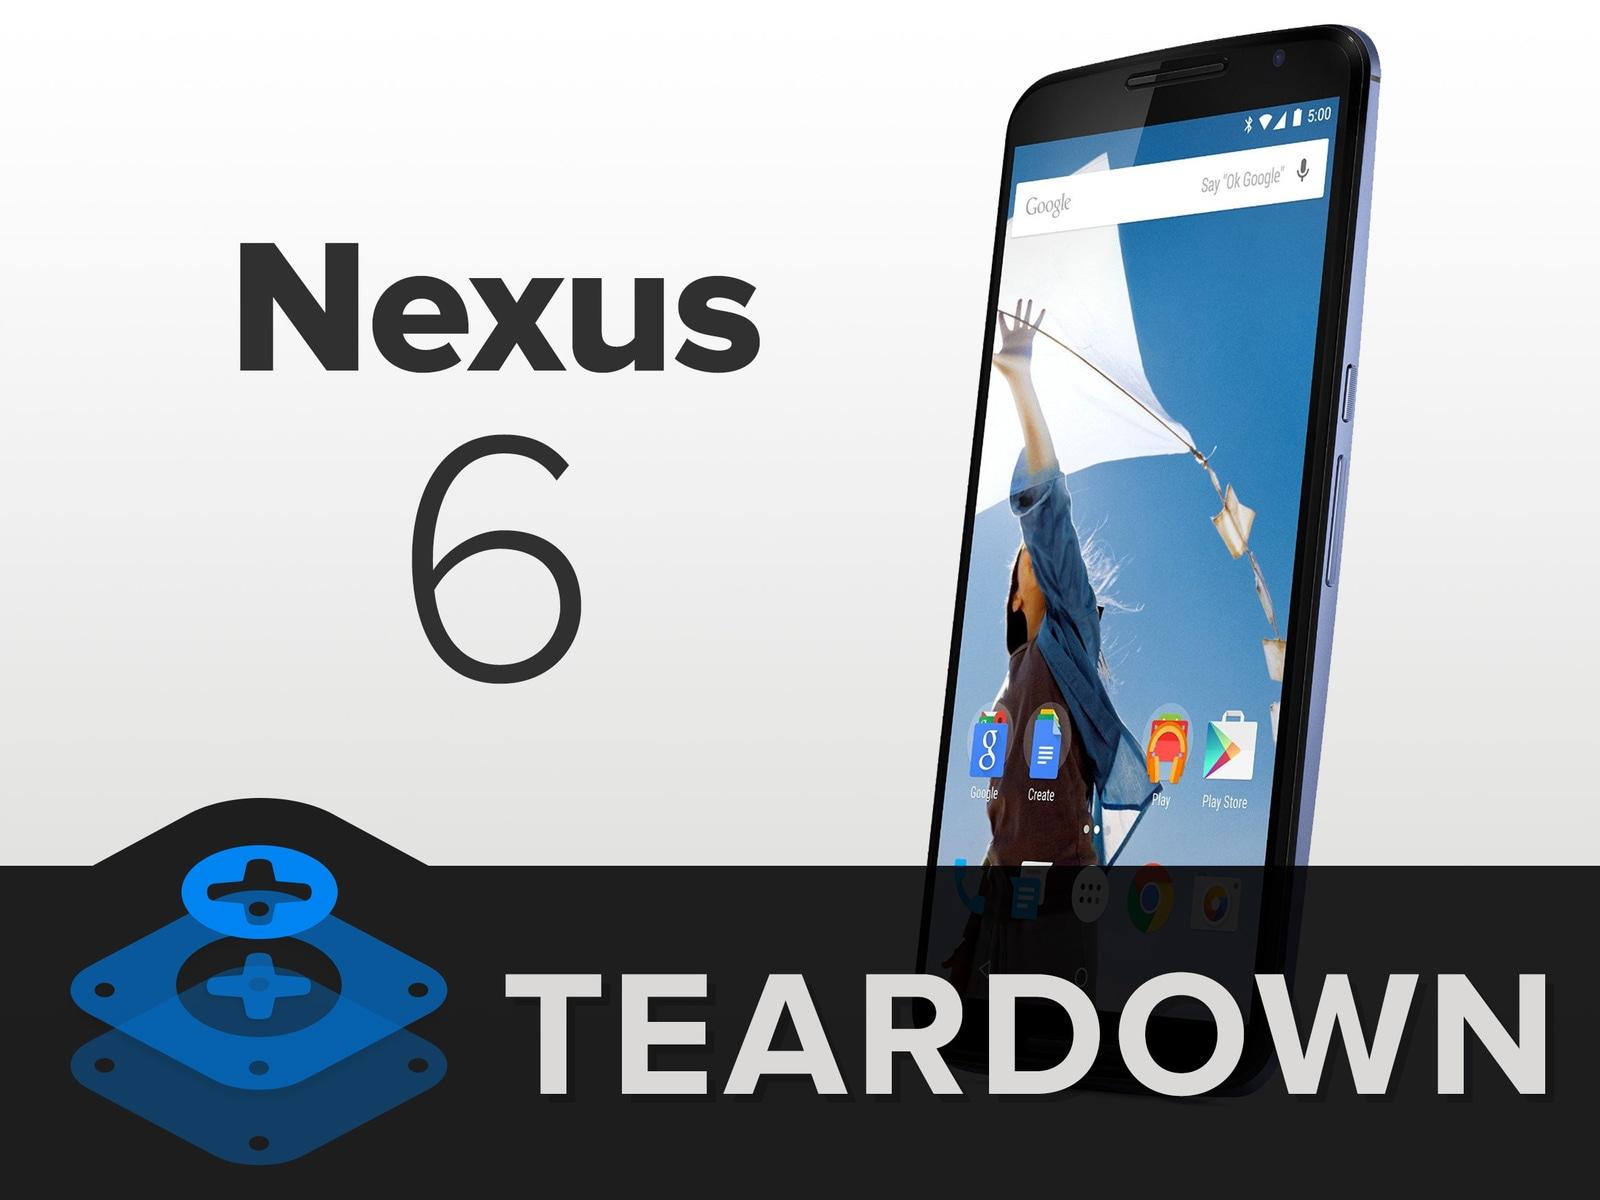 Nexus 6 Teardown 1